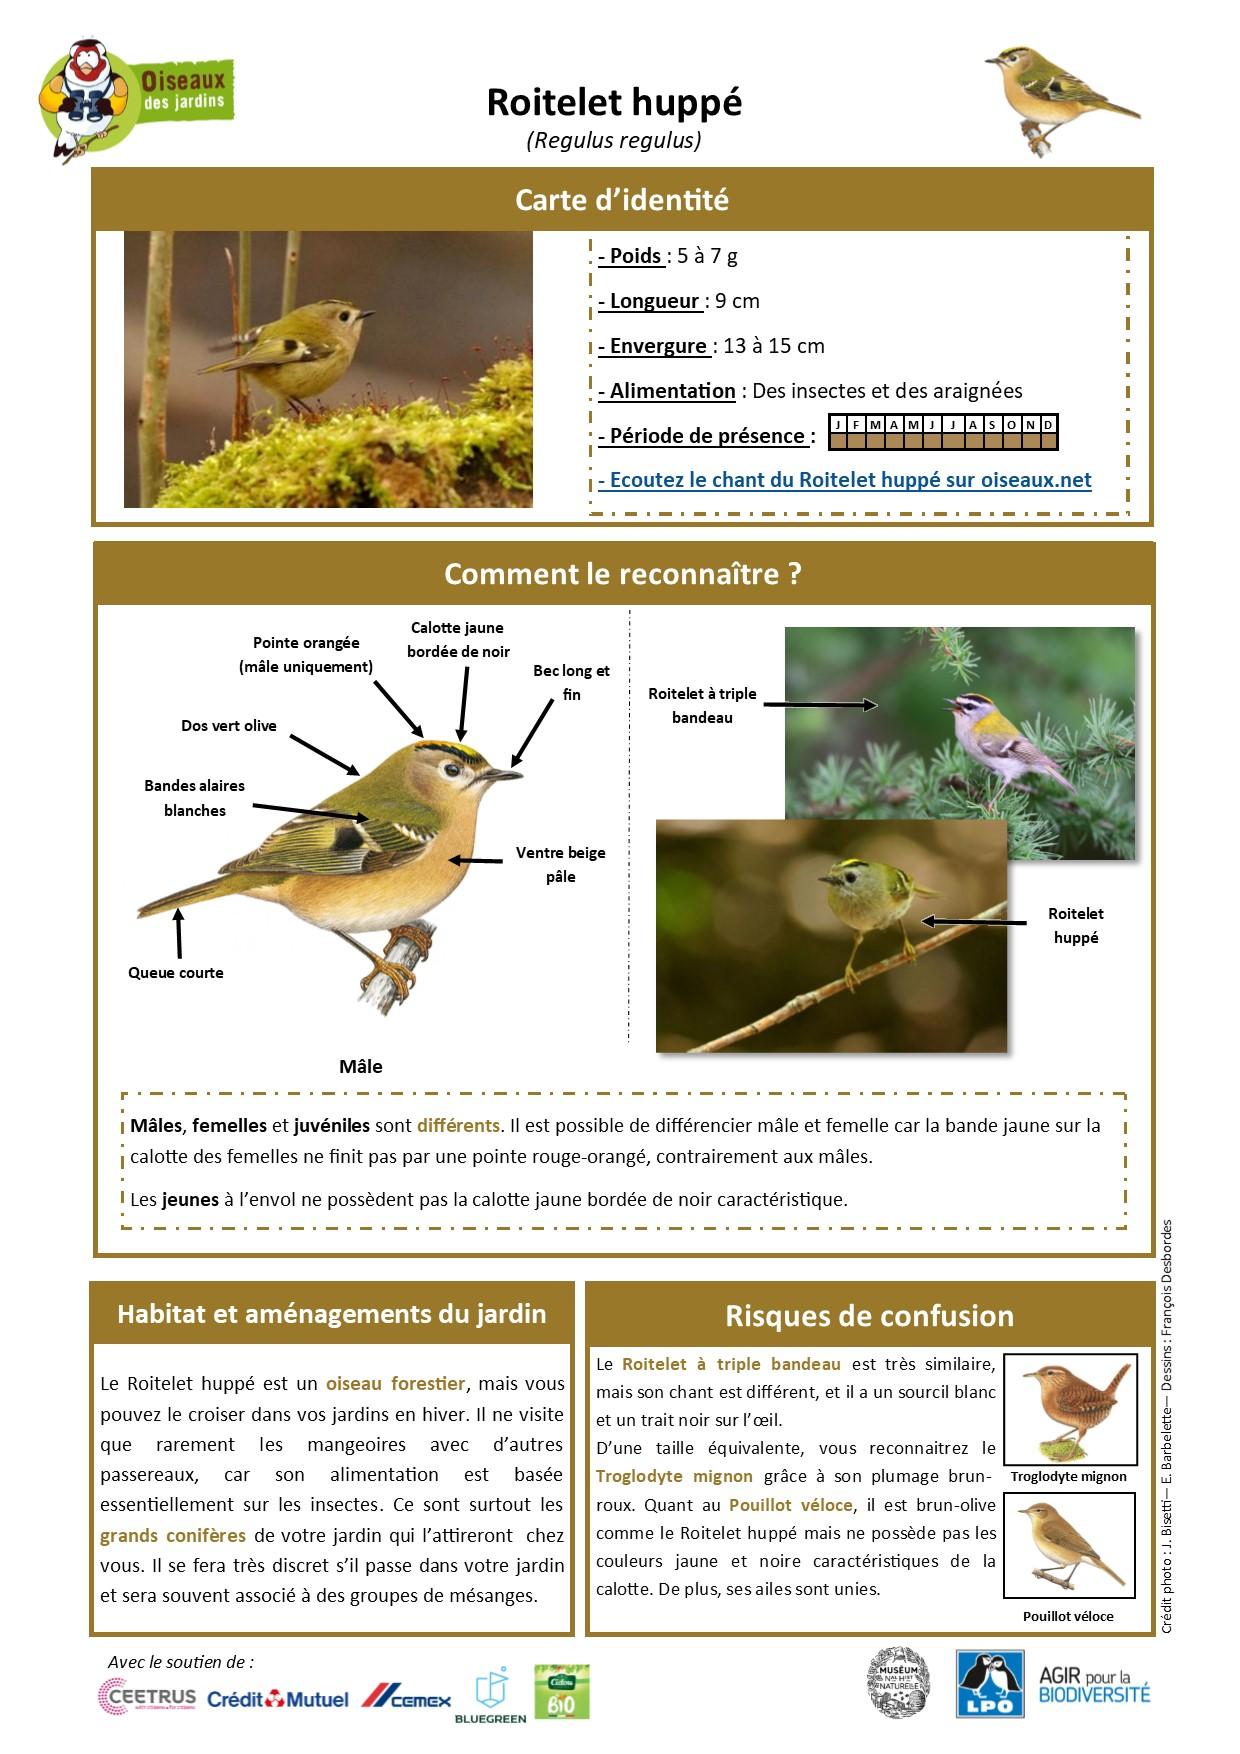 https://cdnfiles1.biolovision.net/www.oiseauxdesjardins.fr/userfiles/Fichesespces/FicheespceRHcompress.jpg